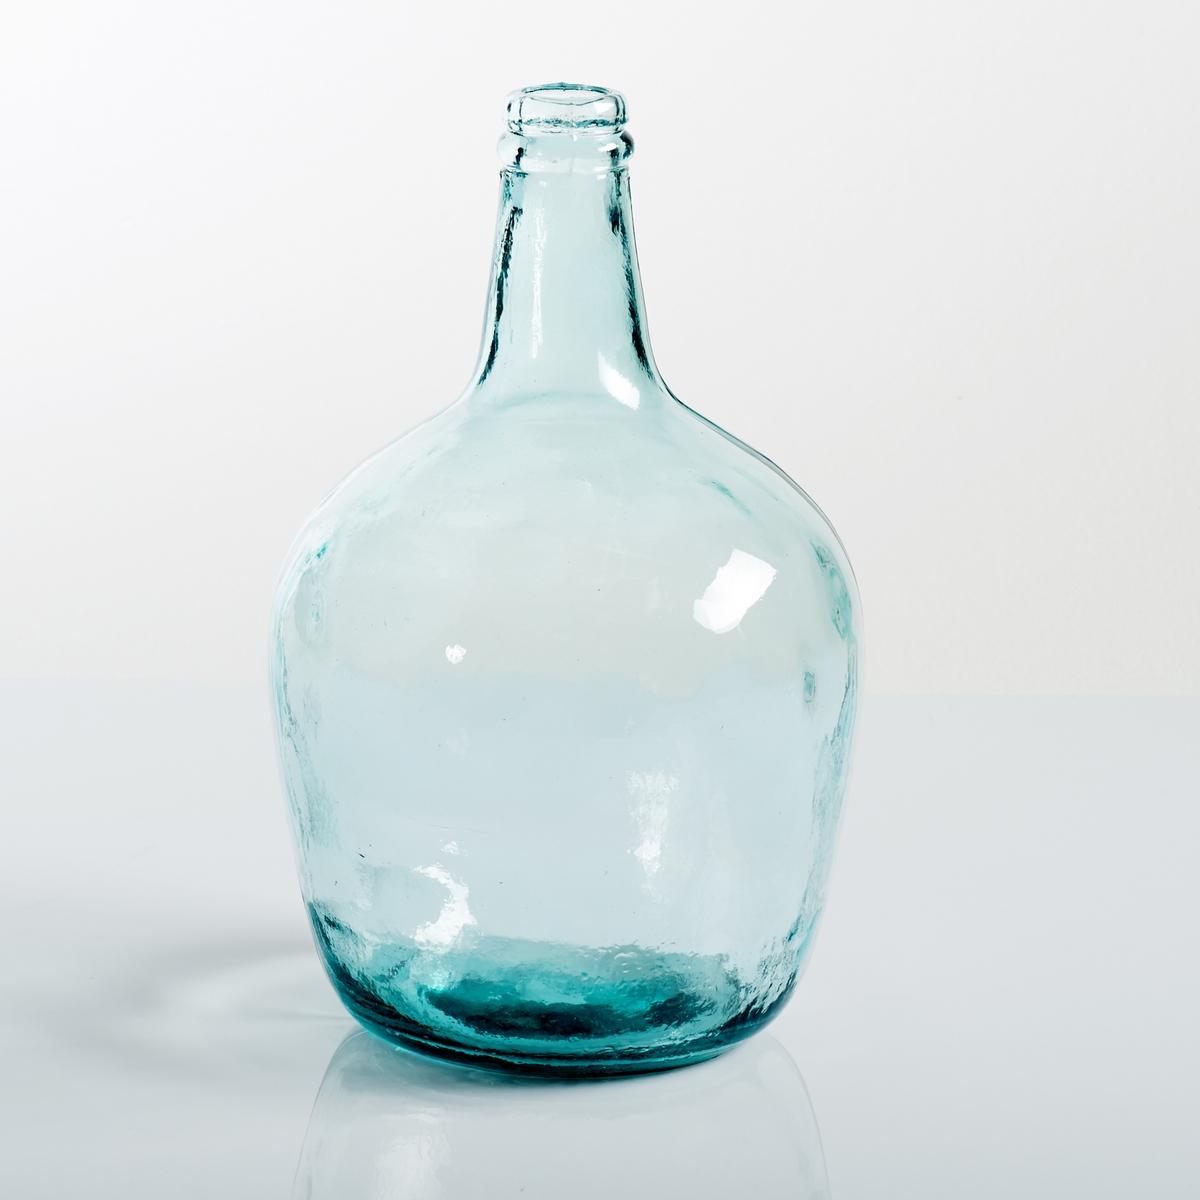 Вазы-бутыли стеклянные IzoliaОписание ваз-бутылей Izolia:Дутое стекло.Характеристики ваз-бутылей Izolia:Переработанное стекло, эффект глянца.Найдите все предметы коллекции Izolia и другие декоративные предметы на сайте laredoute.ru.Размеры ваз-бутылей Izolia:Диаметр: 15,5 см.Высота: 30 см.<br><br>Цвет: розовый,стеклянный крашеный,темно-зеленый<br>Размер: размер 1